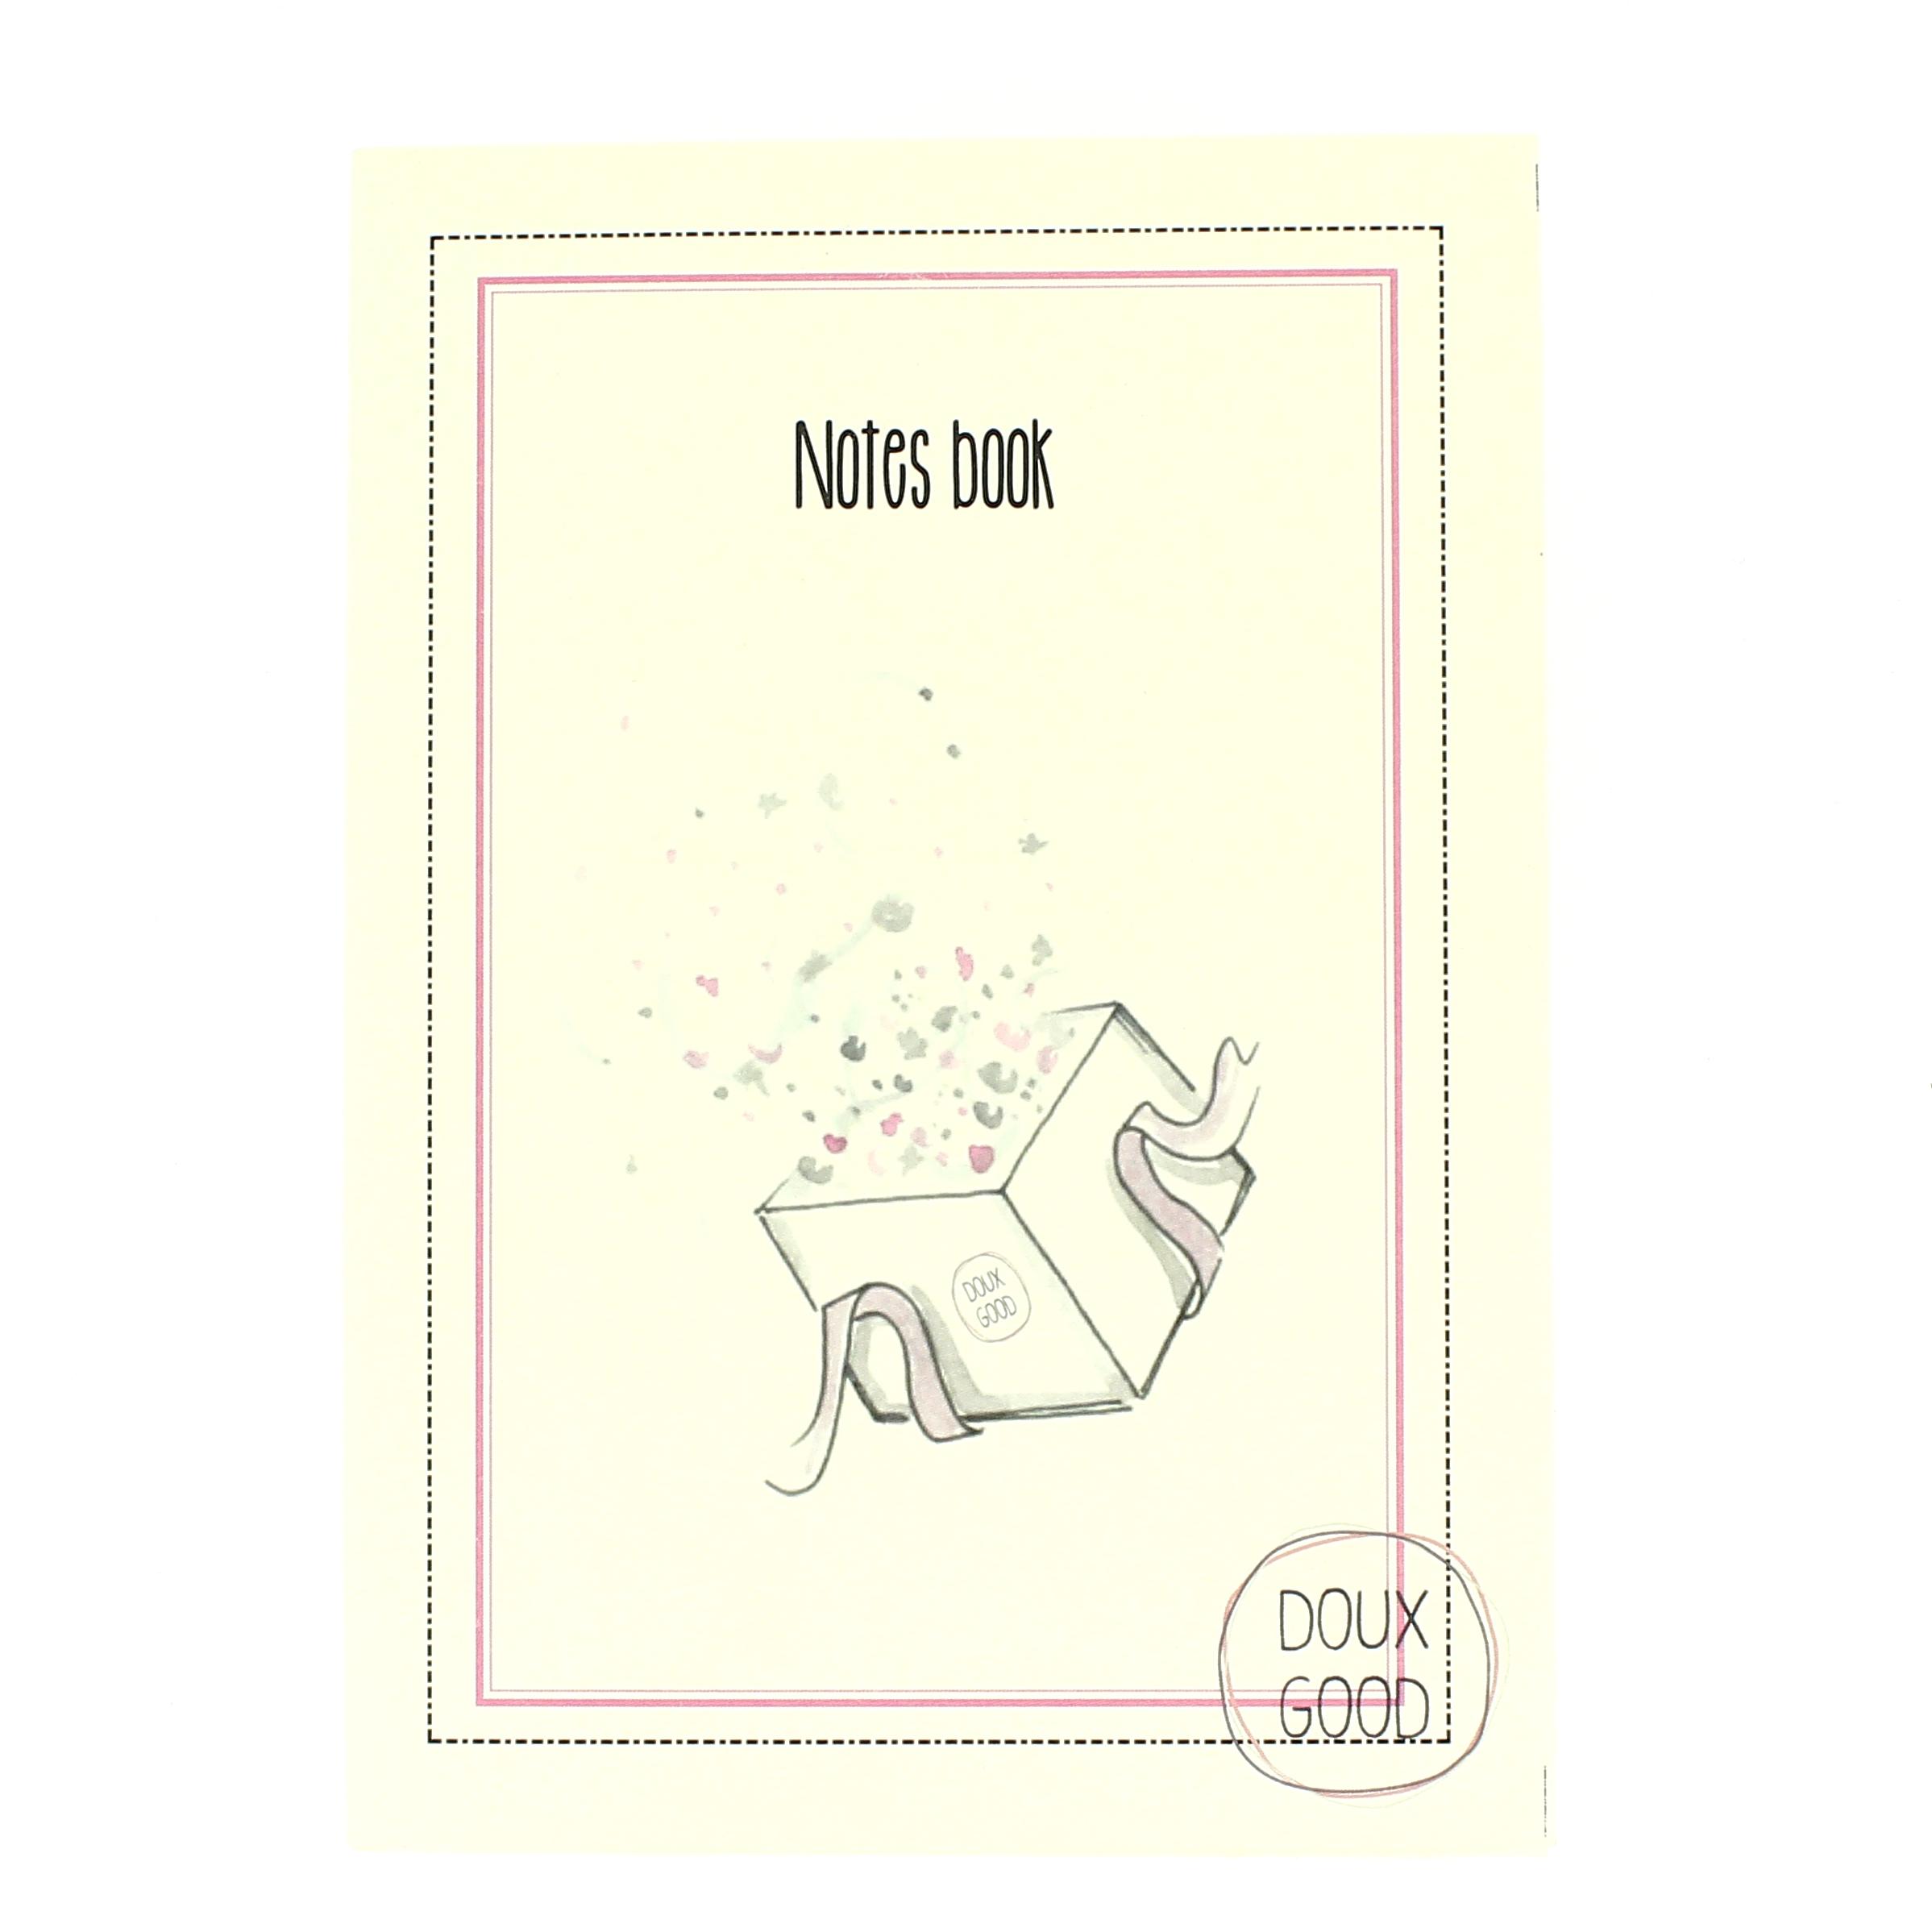 Notes book Doux Good - carnet pour le plaisir d'offrir